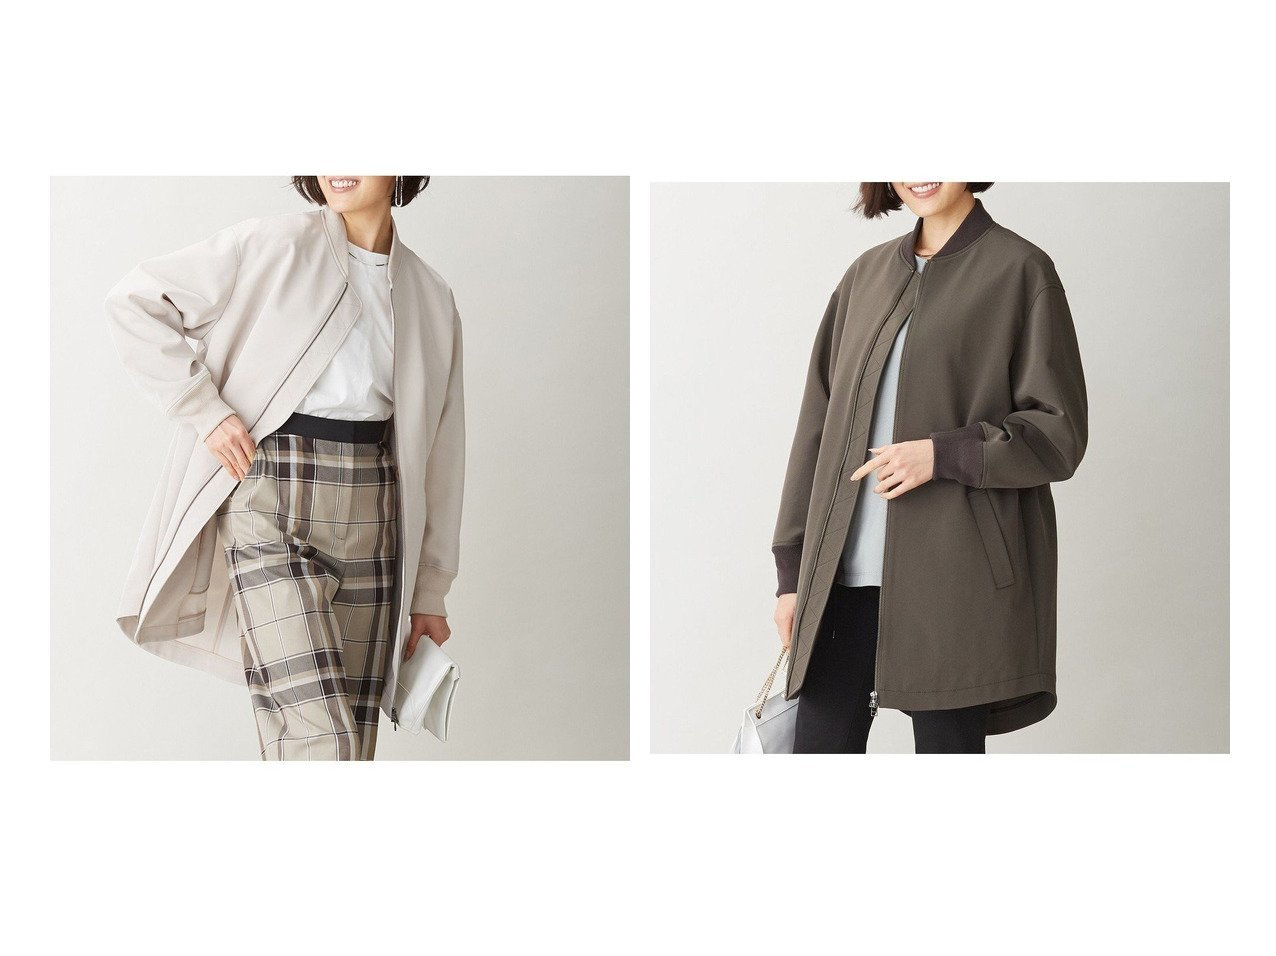 【iCB/アイシービー】のHi Folm Double Cloth アウター 【アウター】おすすめ!人気、トレンド・レディースファッションの通販 おすすめで人気の流行・トレンド、ファッションの通販商品 メンズファッション・キッズファッション・インテリア・家具・レディースファッション・服の通販 founy(ファニー) https://founy.com/ ファッション Fashion レディースファッション WOMEN アウター Coat Outerwear ジャケット Jackets 春 Spring シンプル ジャケット ストレッチ ダブル フォルム ボトム ミドル モダン ロング 2021年 2021 S/S・春夏 SS・Spring/Summer 2021春夏・S/S SS/Spring/Summer/2021 送料無料 Free Shipping |ID:crp329100000030488